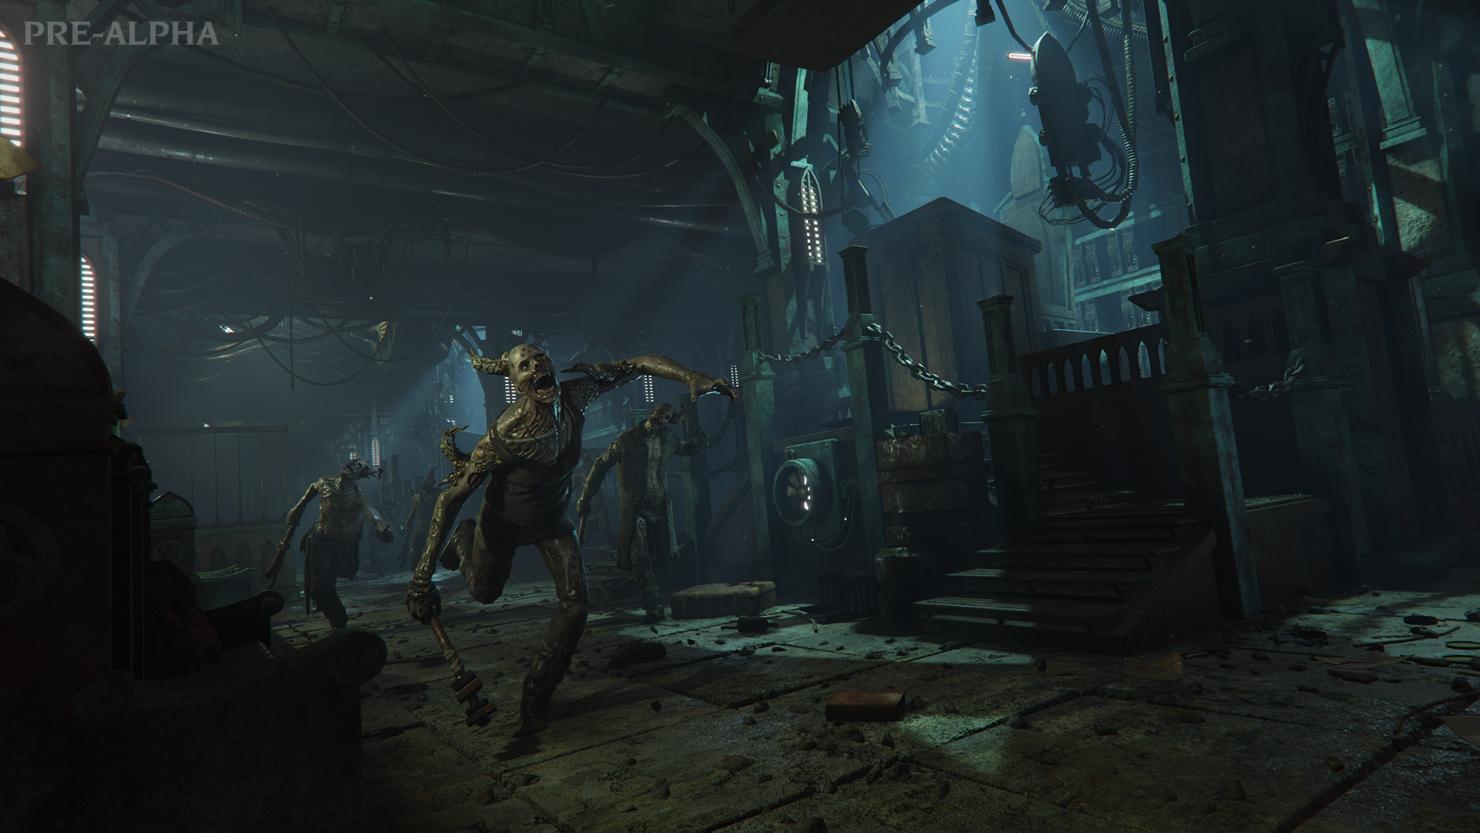 Los creadores de Vermintide presentan Warhammer 40,000: Darktide 2